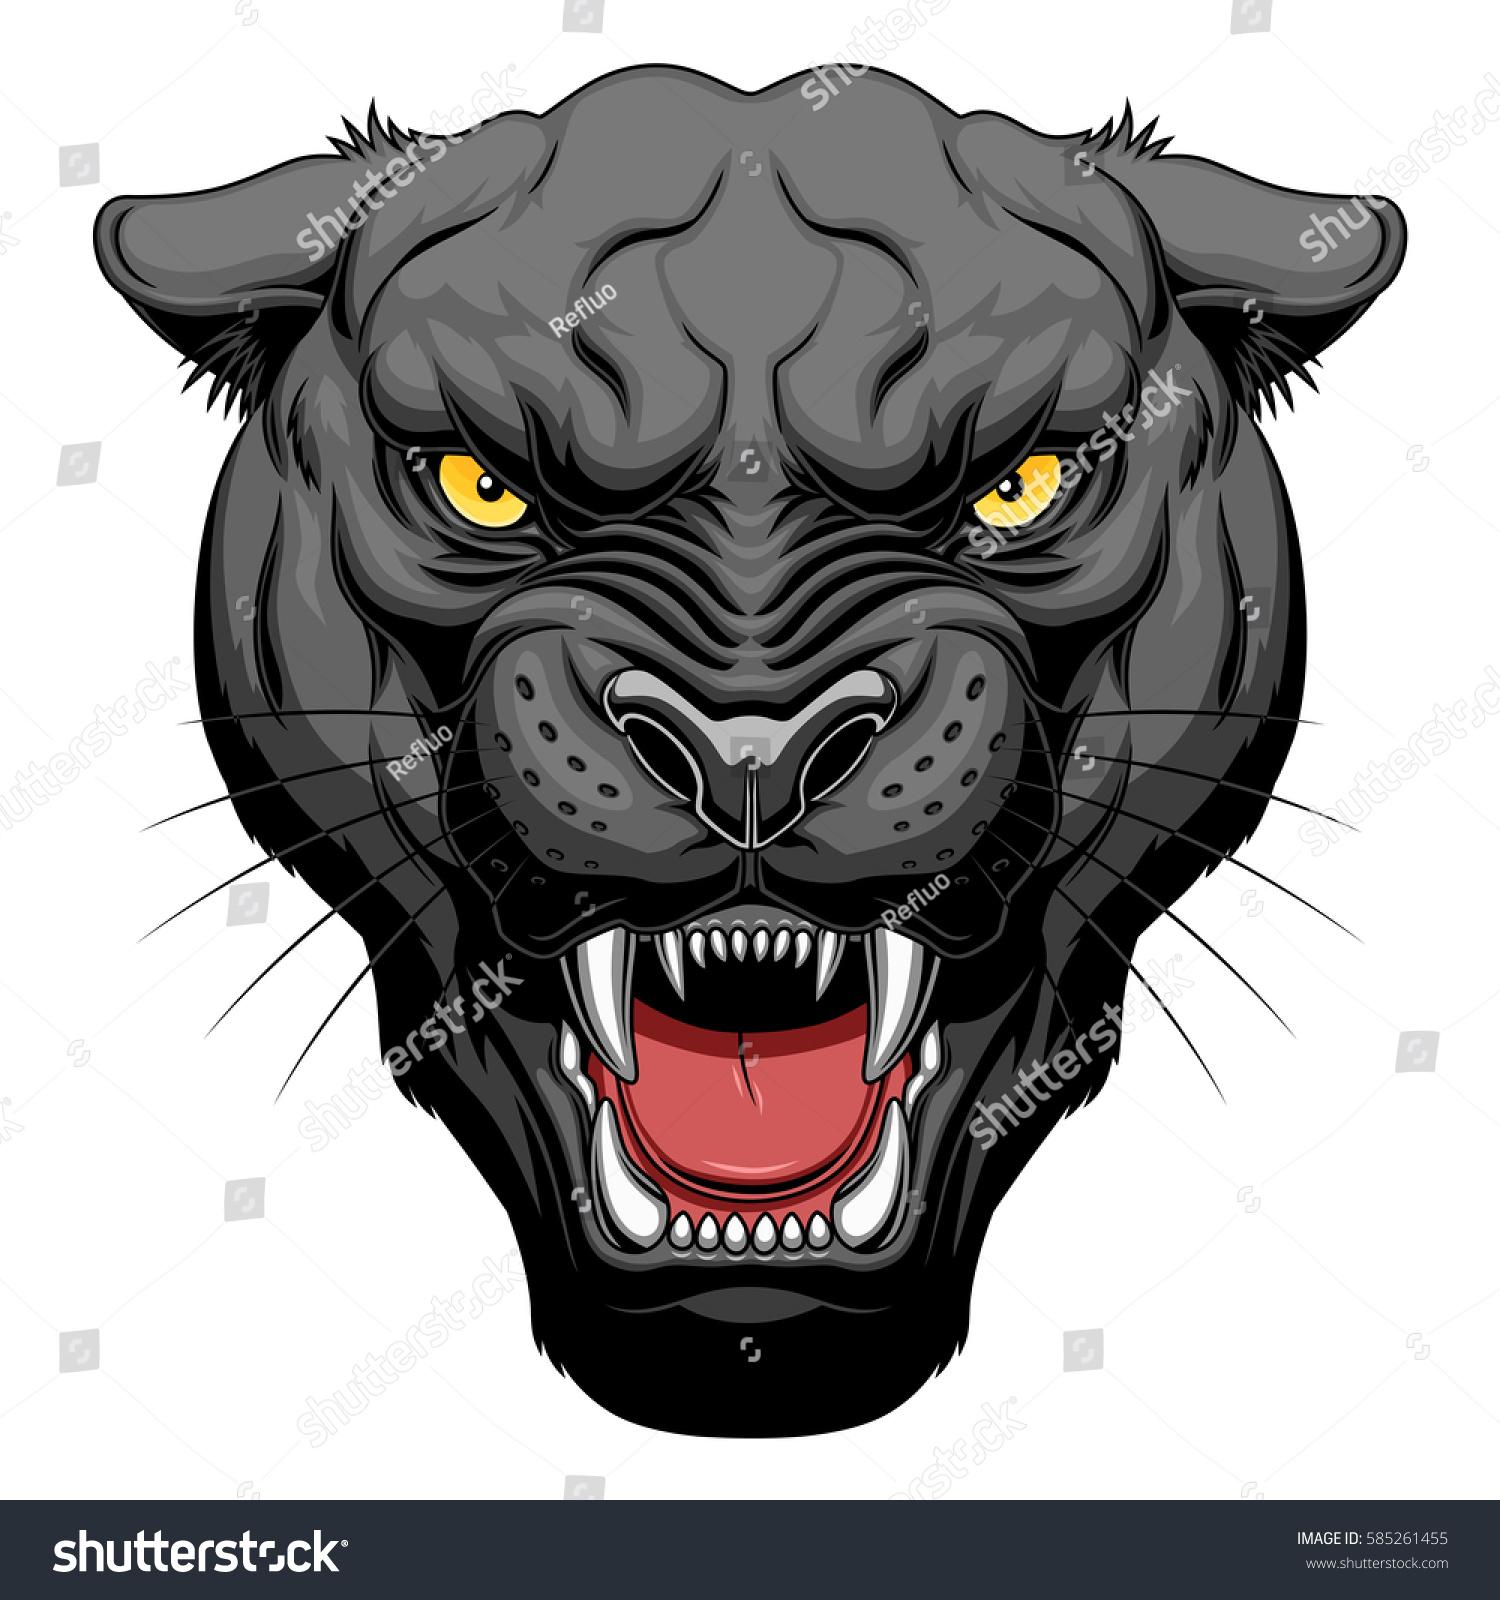 Black Jaguar Growl: Growling Panther Face Stock Vector 585261455